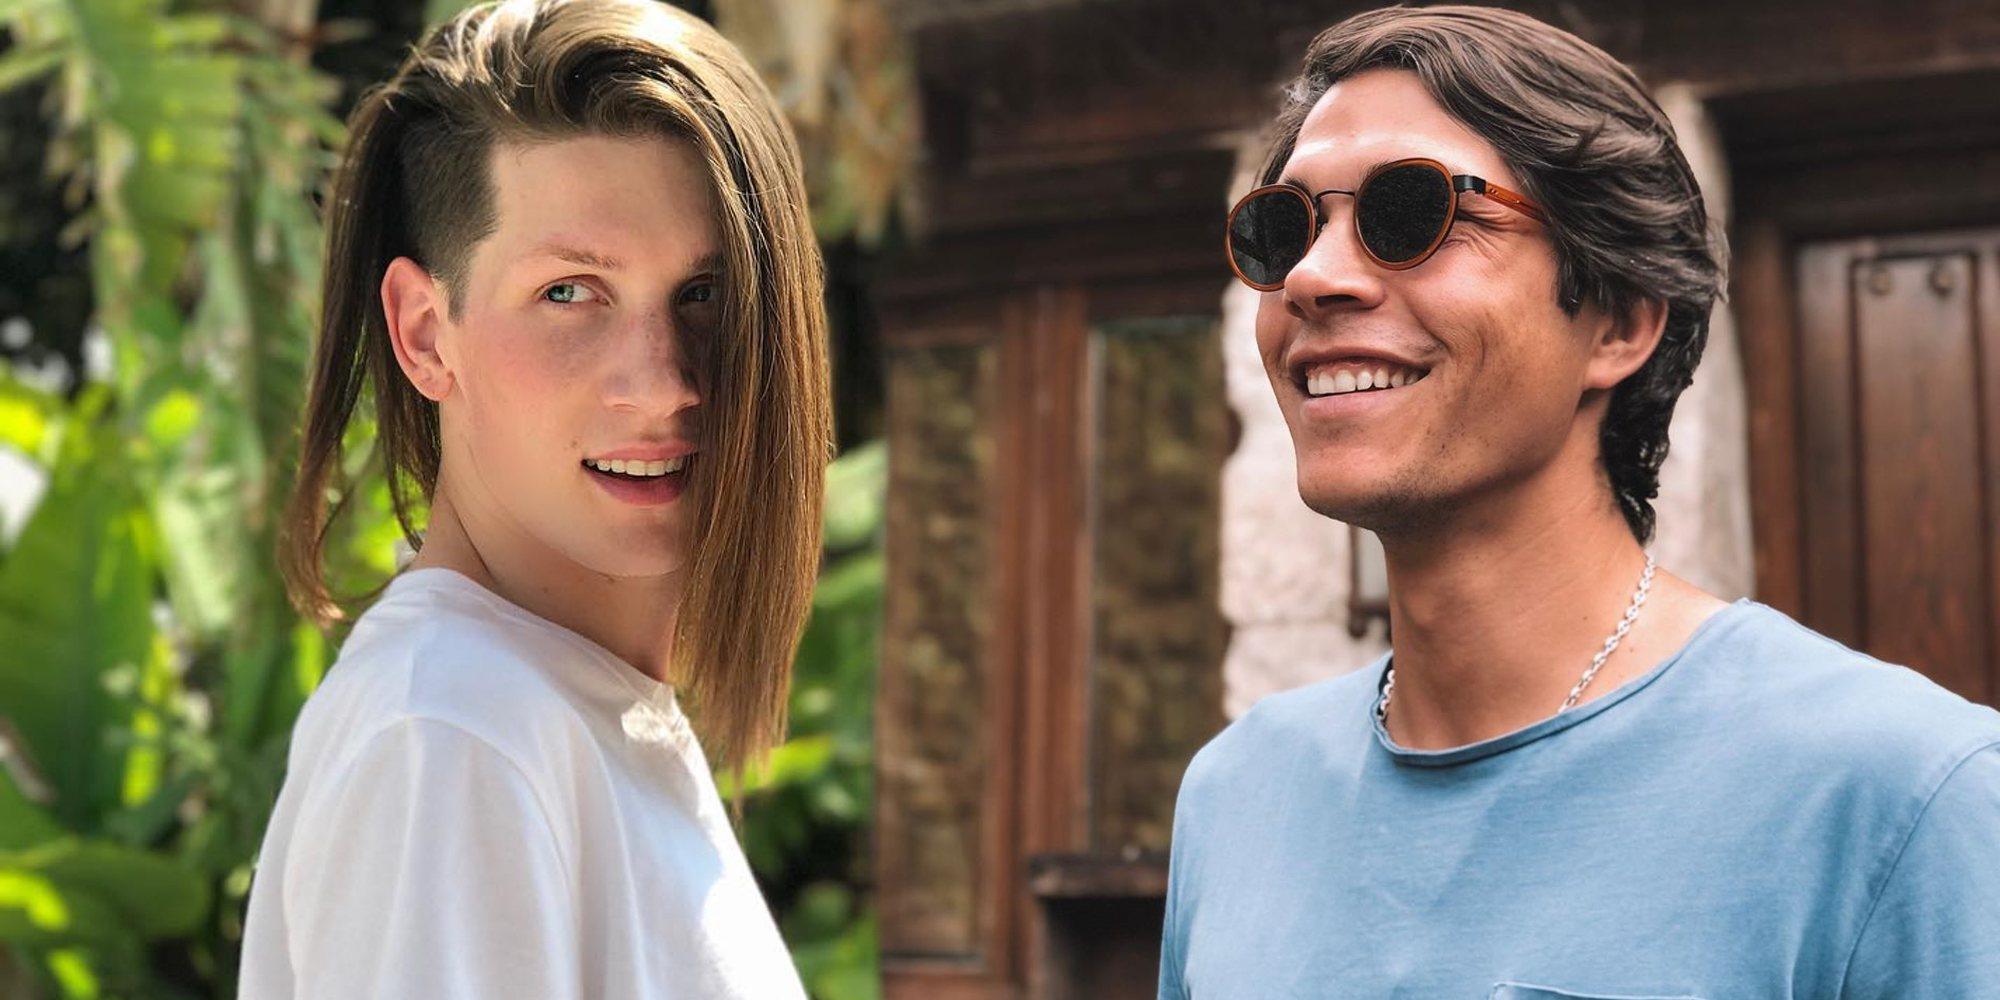 Pablo Castellano y Oto Vans rompen su silencio tras la supuesta pelea durante el 30 cumpleaños de Dulceida